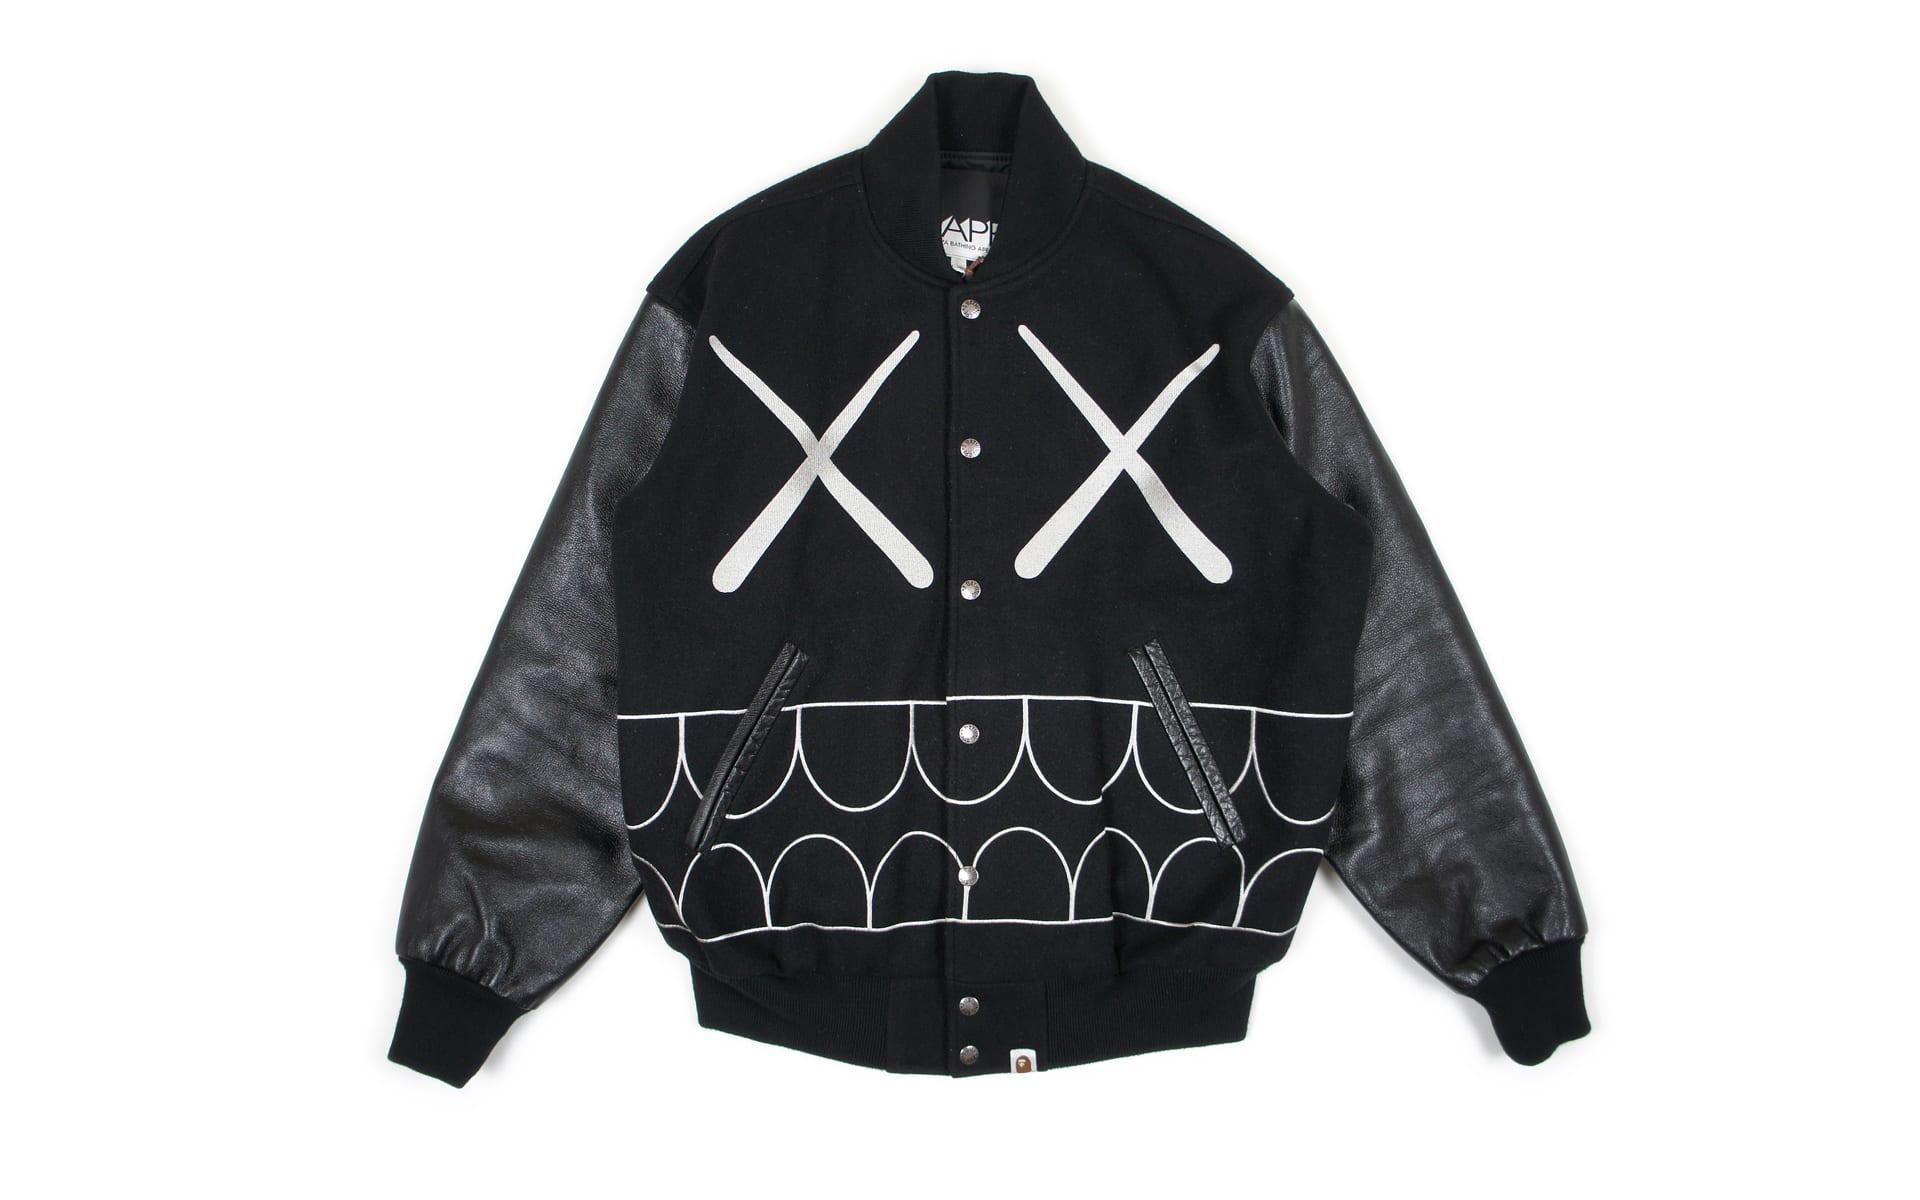 47f58ed4 Bape x Kaws Chomper Varsity Jacket